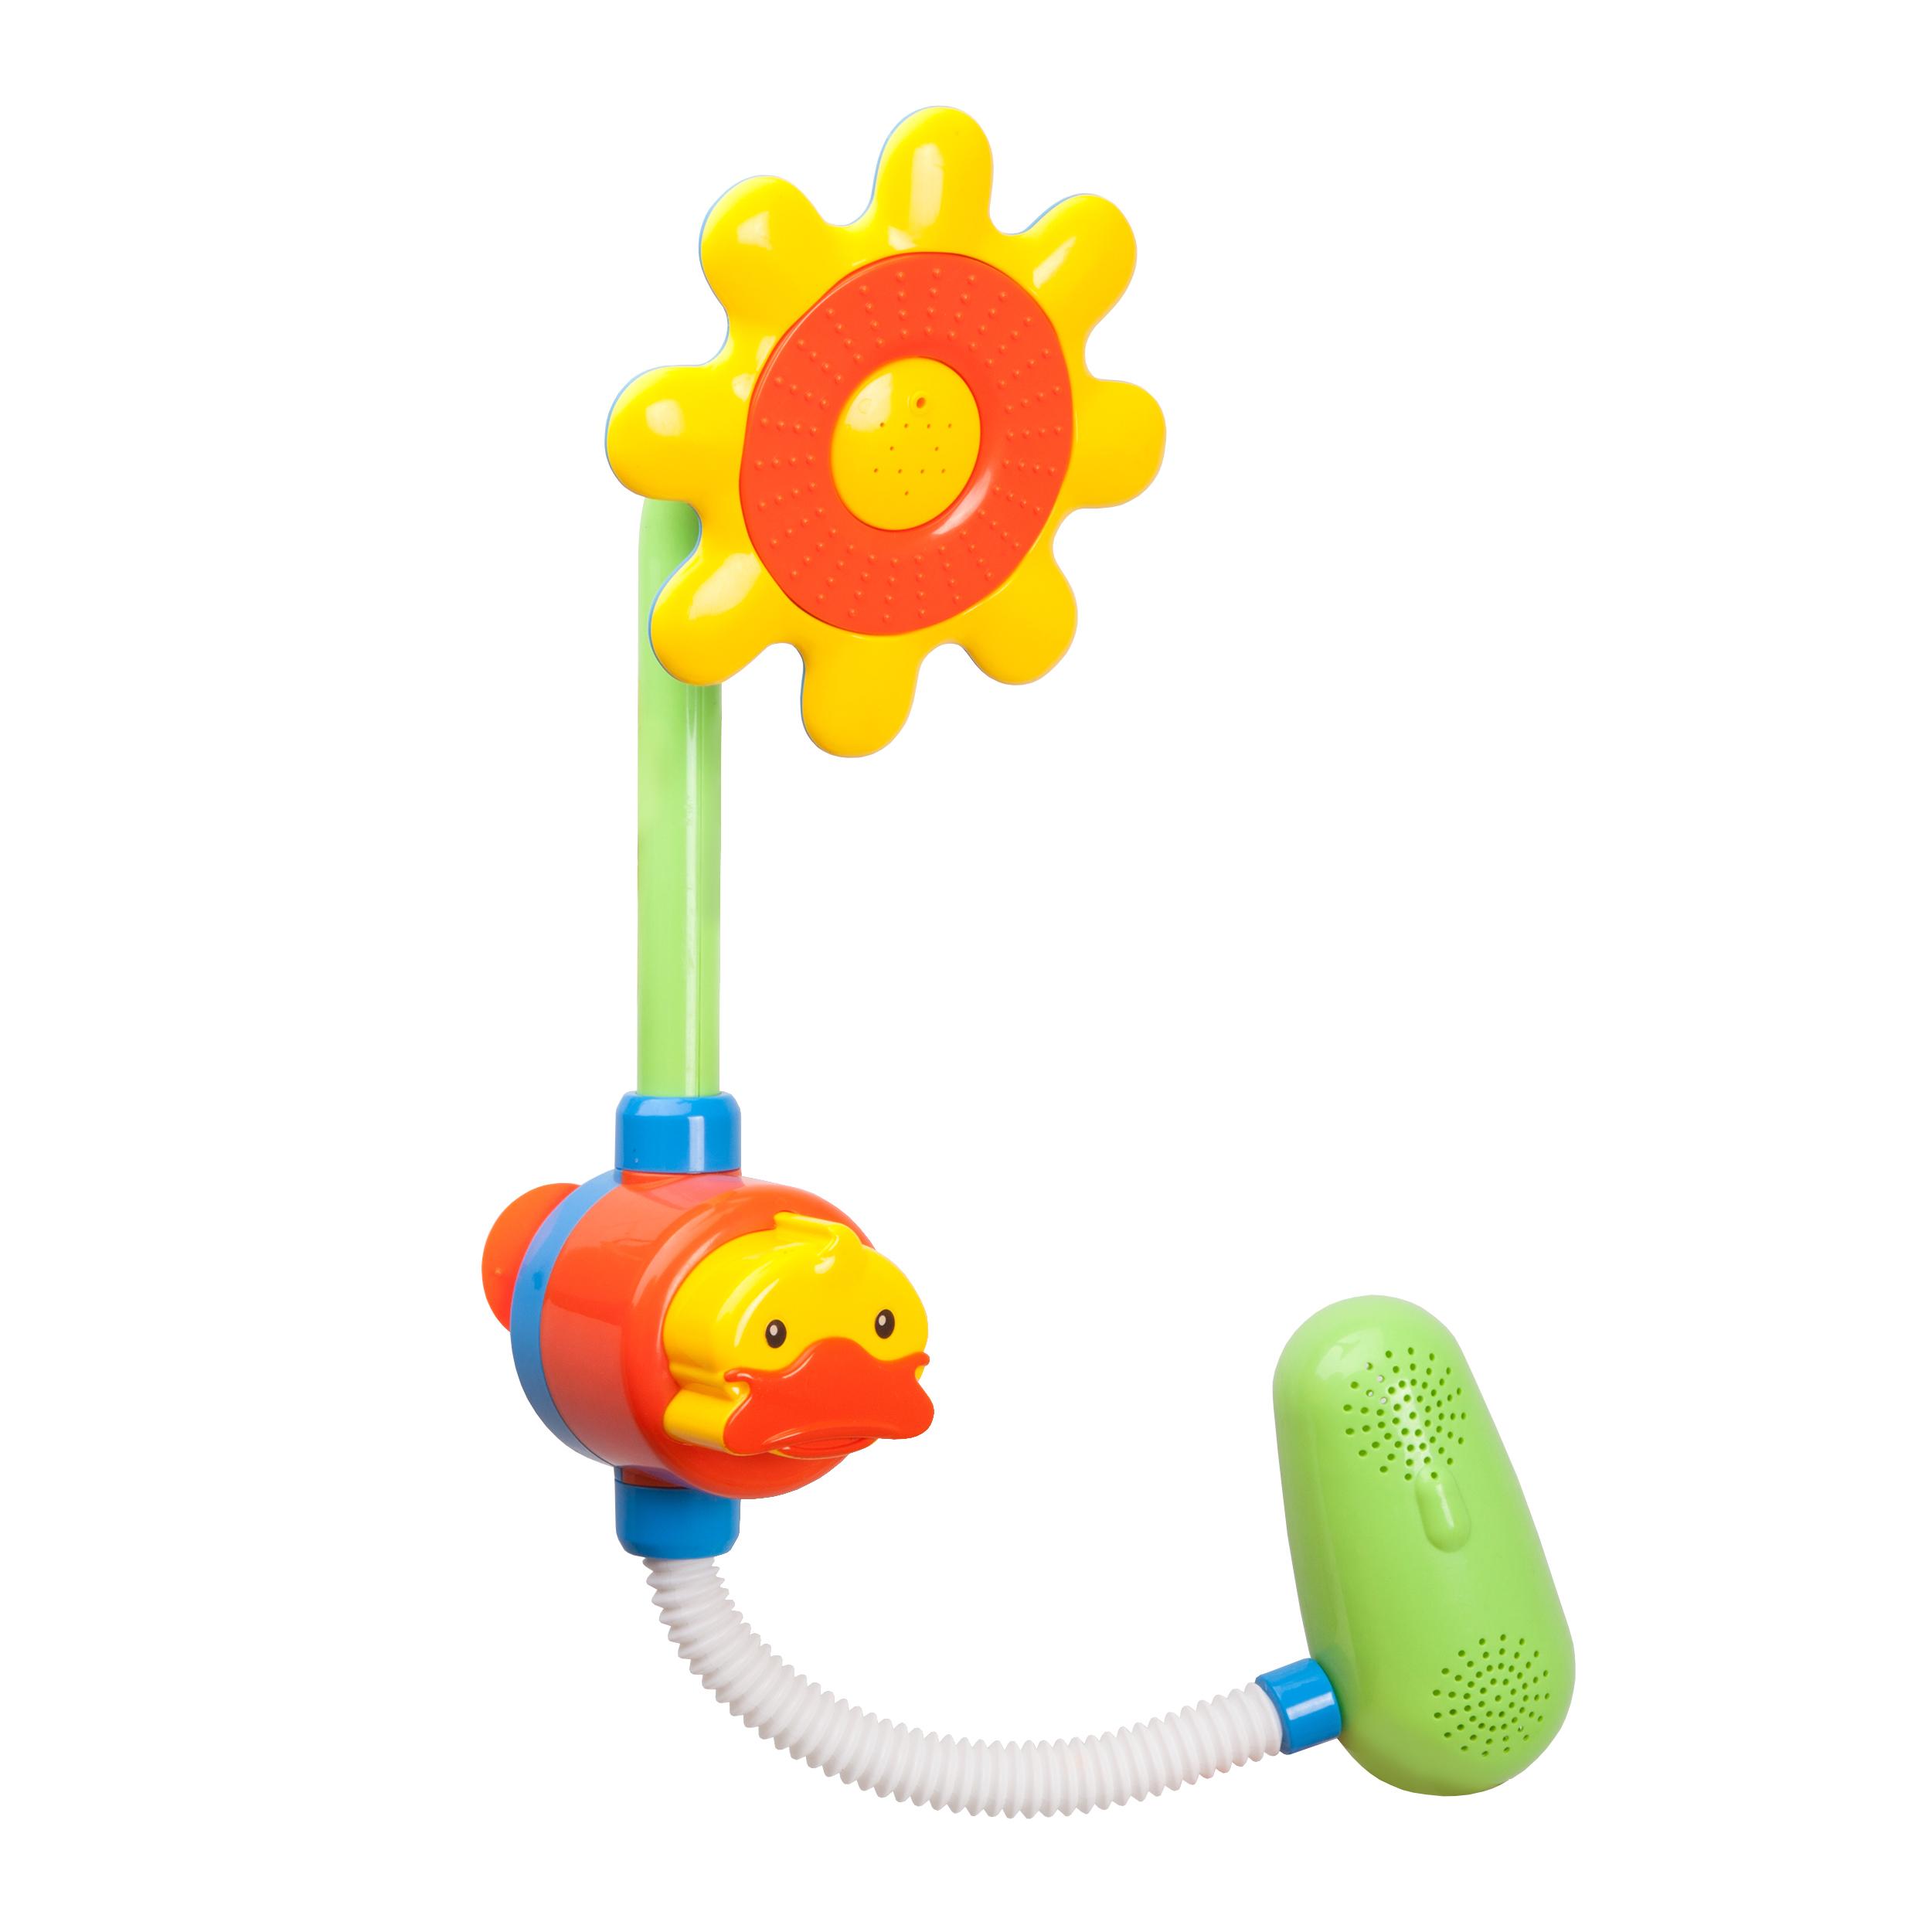 beifen музыки buddyfun детской игрушки ванна вода дрожащего душ с дождевой водой небольших танкерами Игрушка-душ для купания Жирафики «Цветок»